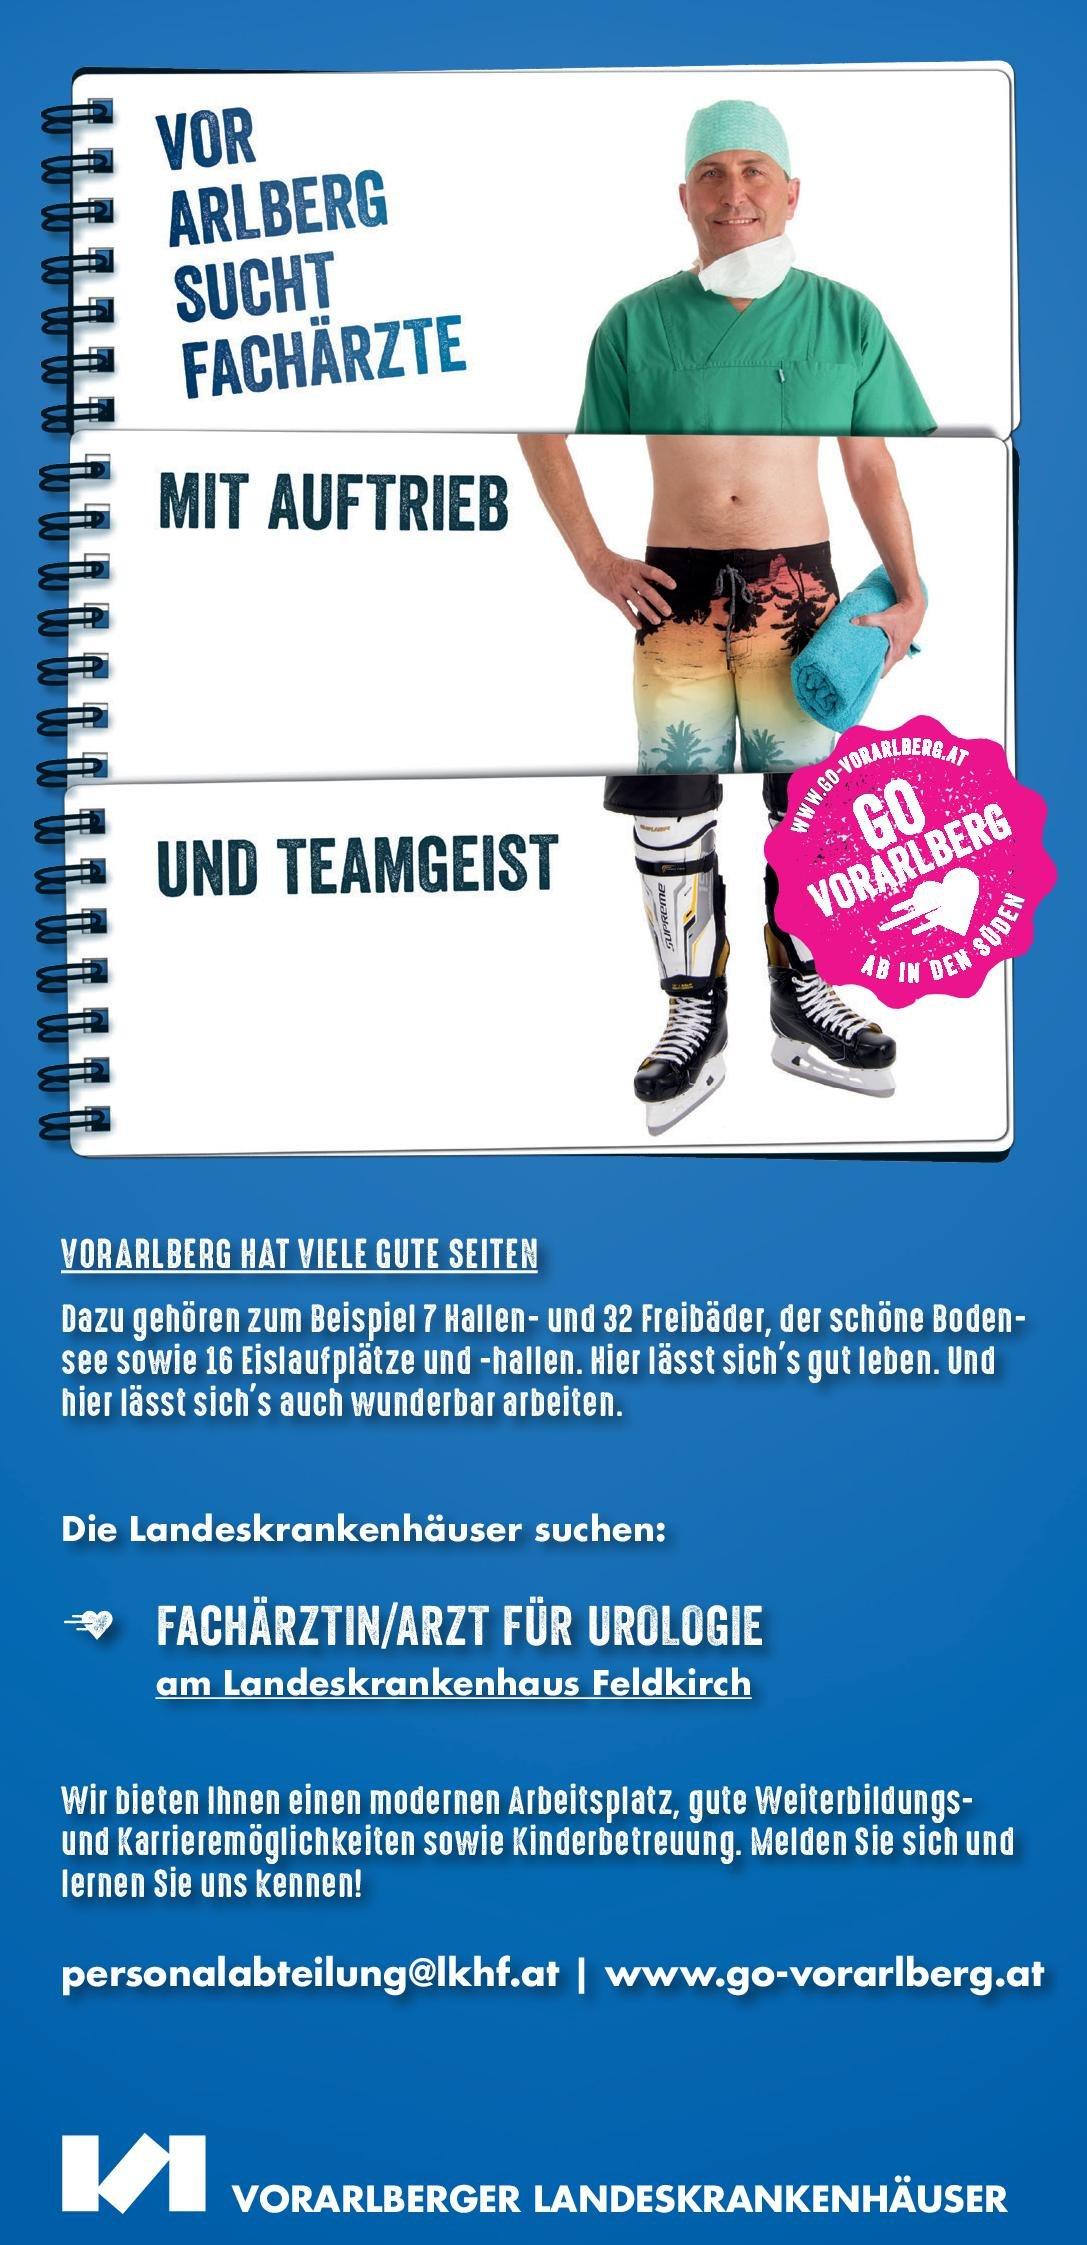 Landeskrankenhaus Feldkirch Fachärztin/Facharzt für Urologie Urologie Arzt / Facharzt